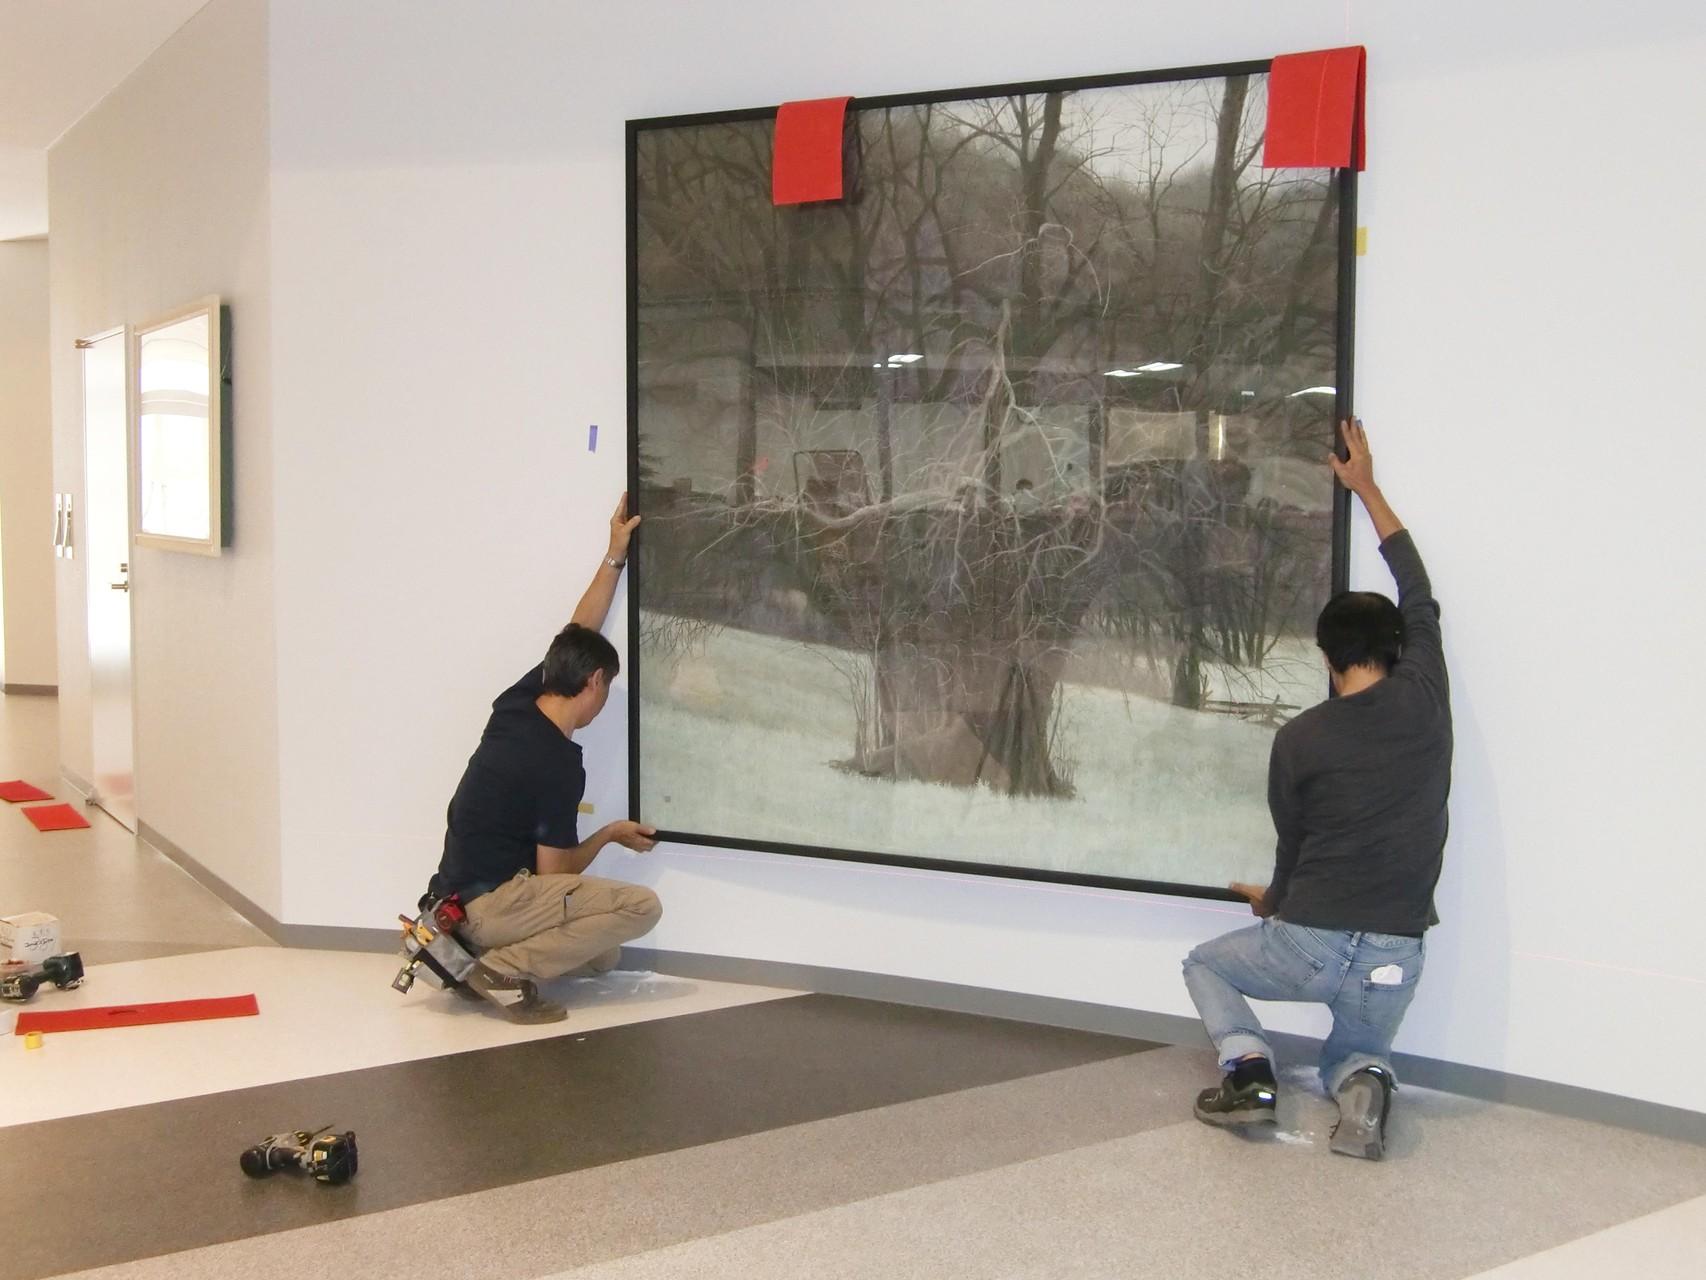 「廻 」198 ×198㎝ (150号) 日本画 日展 2006年 北野治男 日展会員